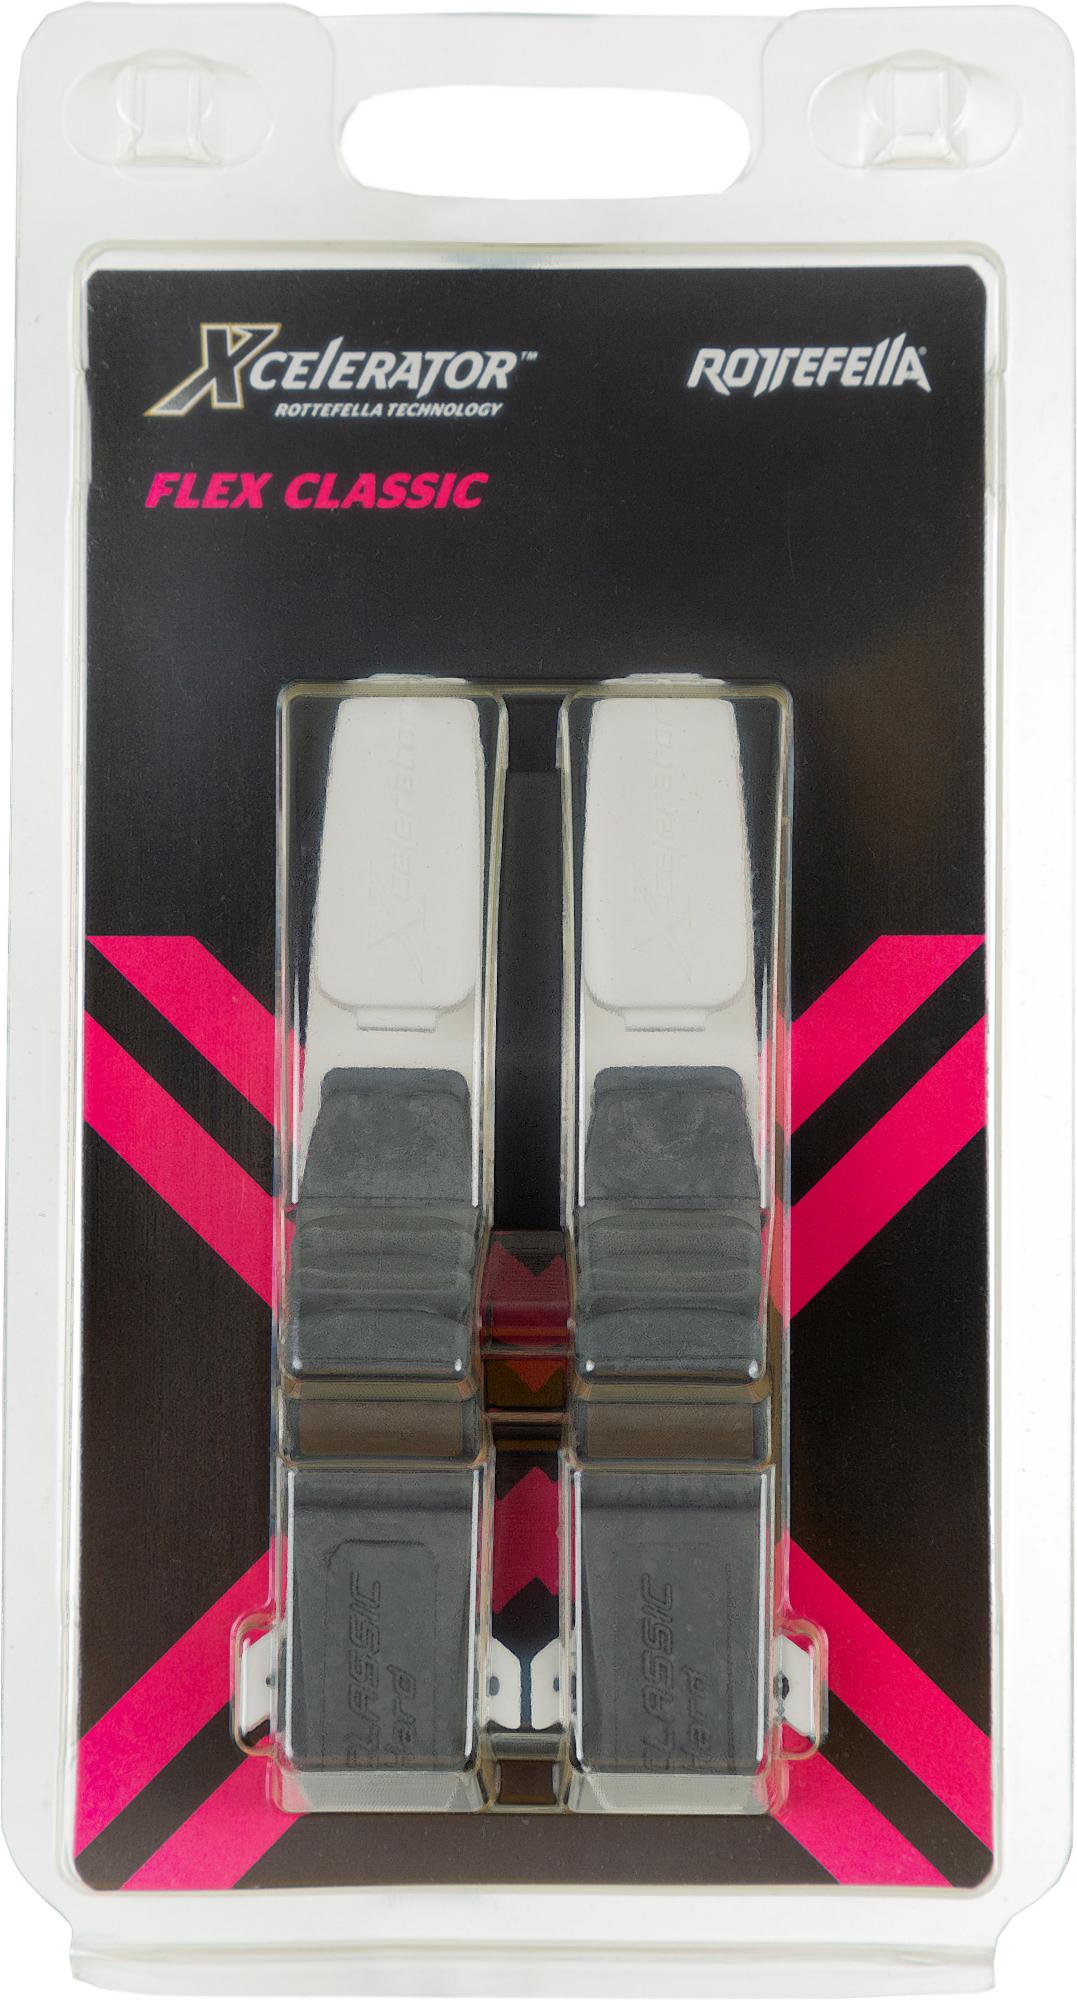 Rottefella Флексор креплений для беговых лыж Xcelerator Classic Flex H